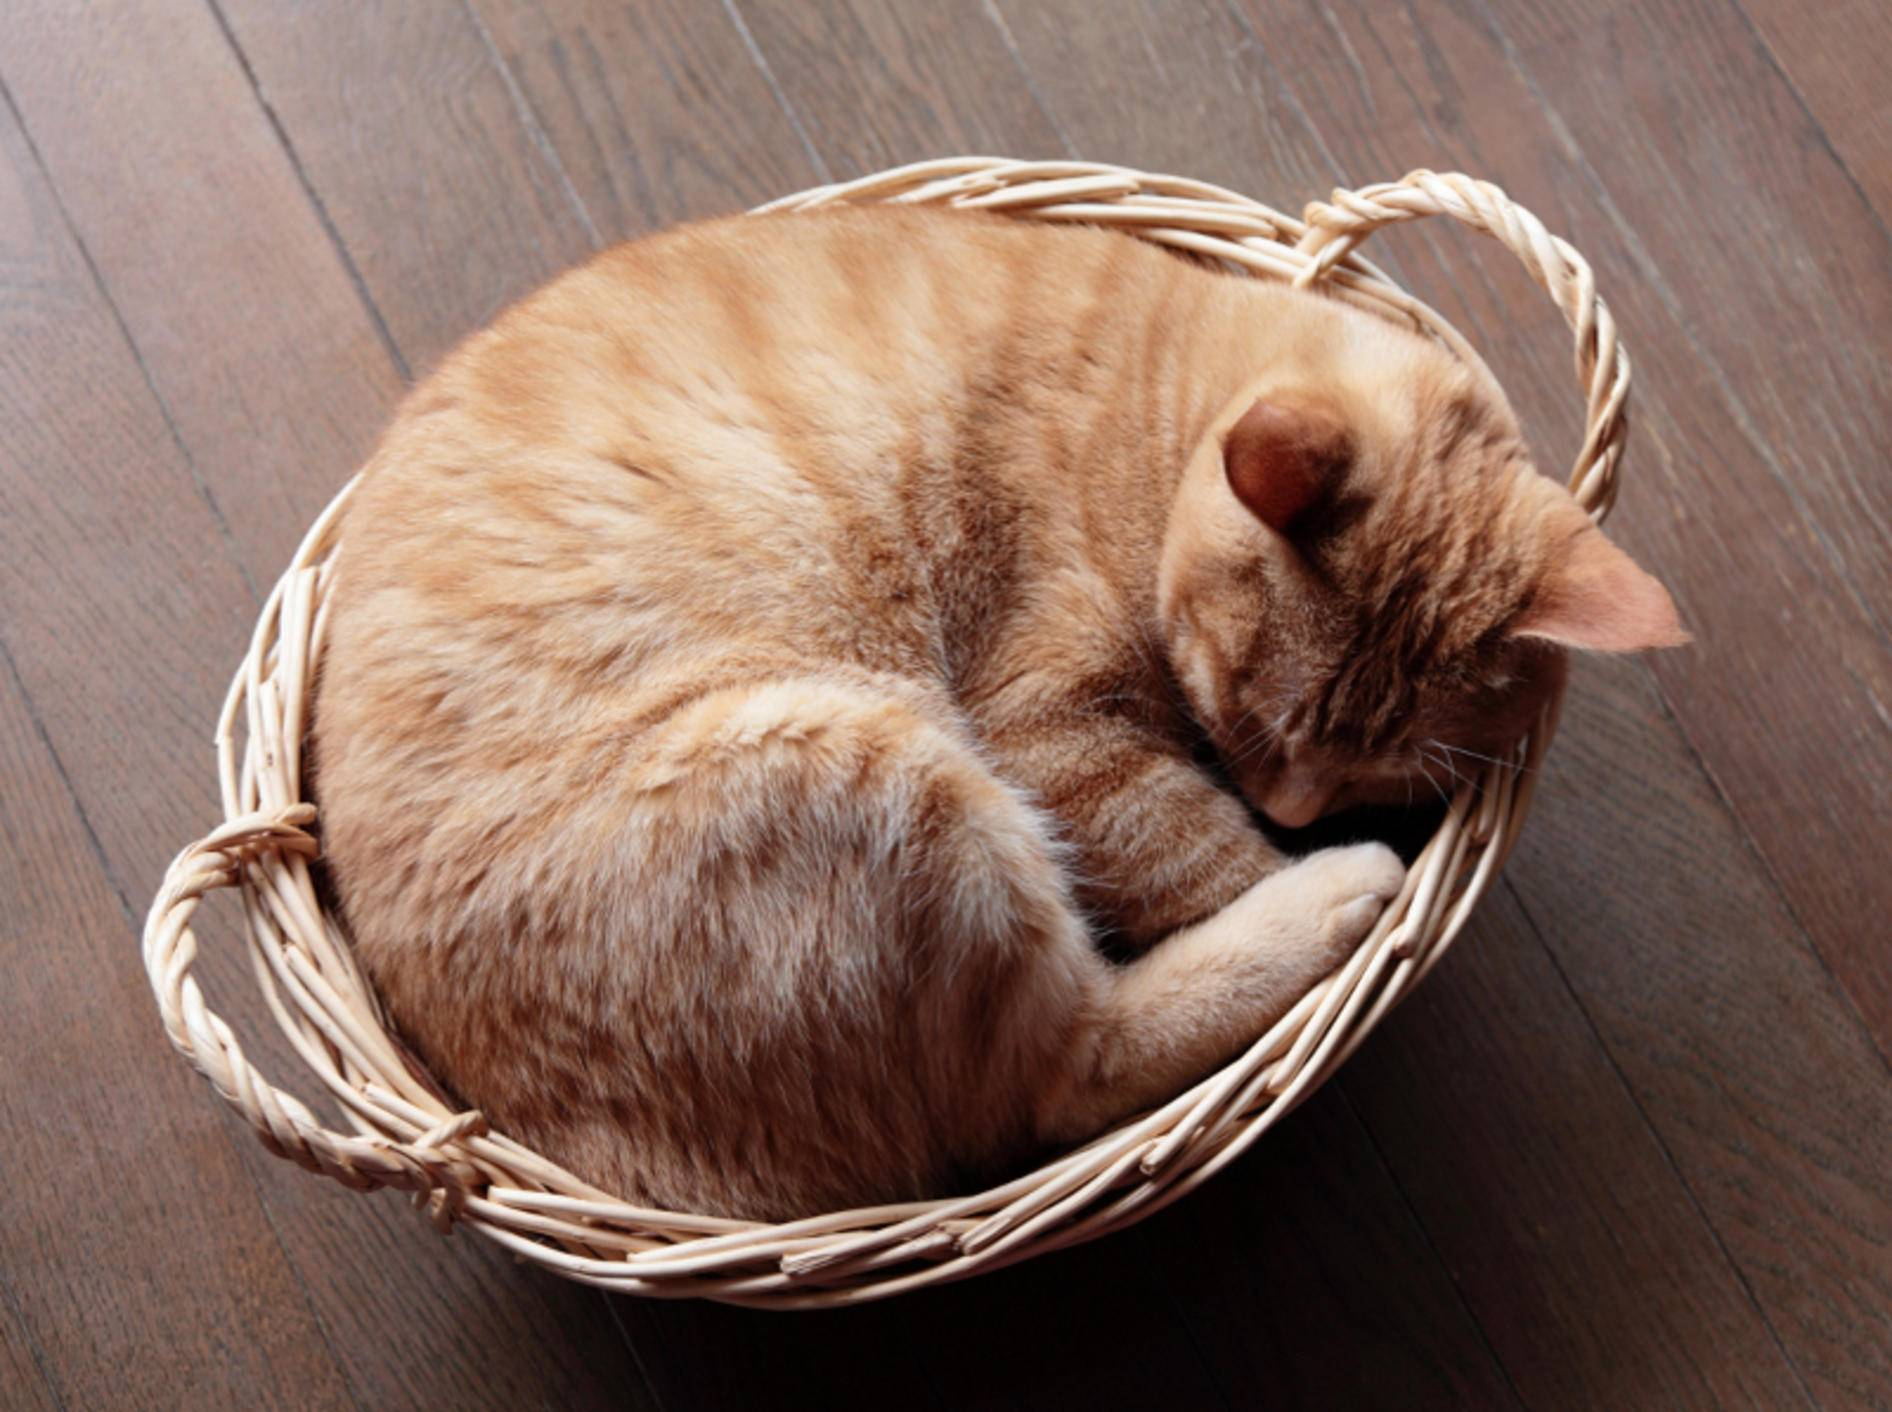 Katzen befinden manchmal die seltsamsten Schlafplätze als bequem – Shutterstock / haru